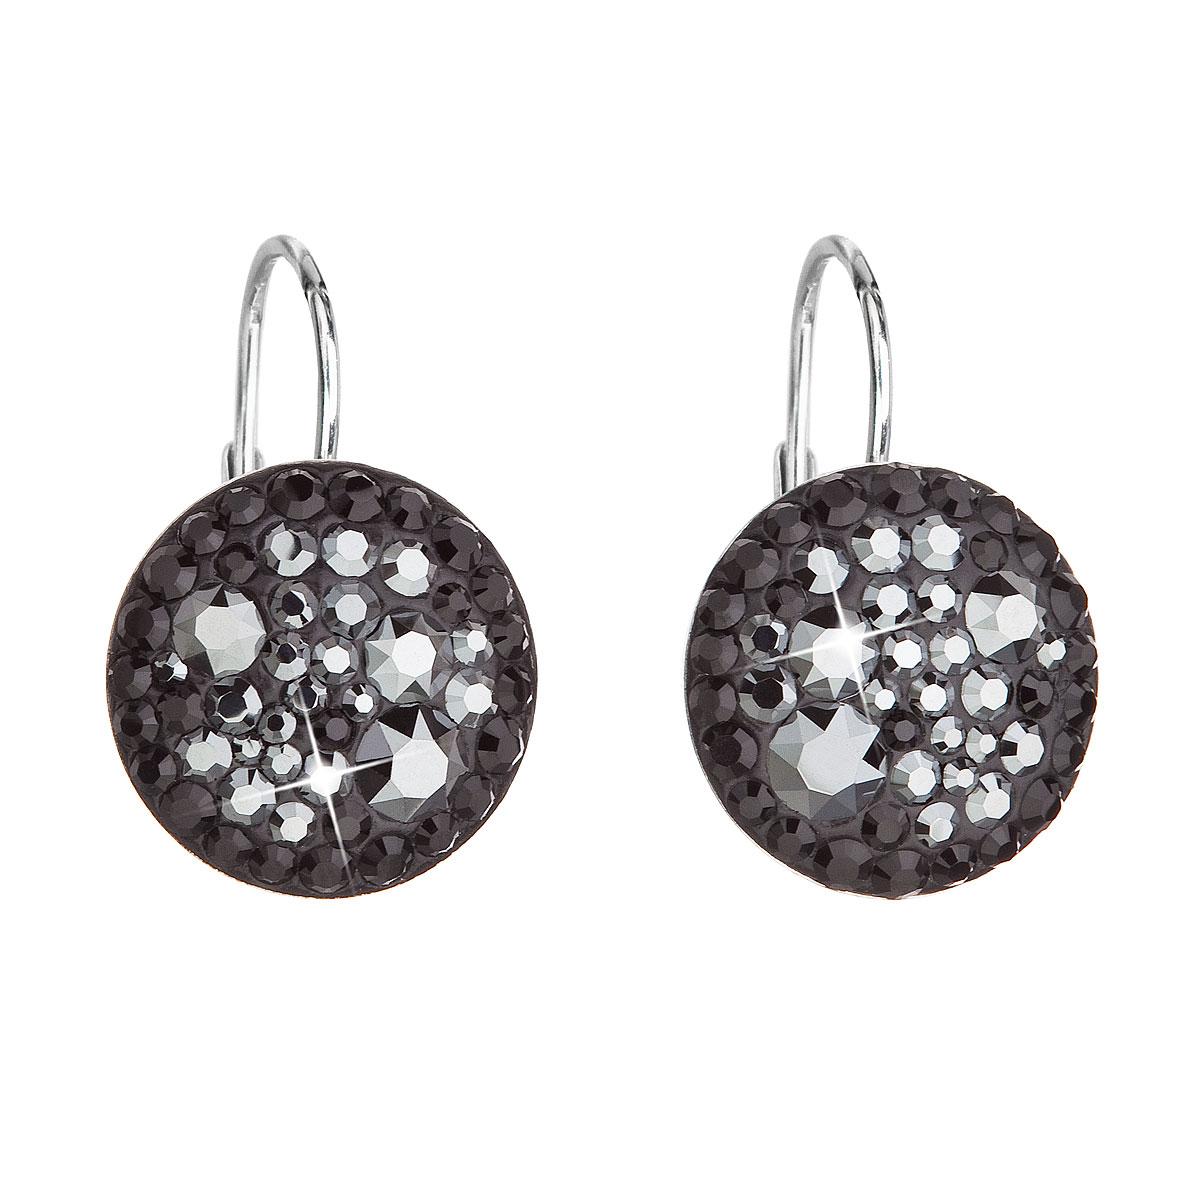 Strieborné náušnice visiace s krištálmi Swarovski čierne okrúhle 31176.5 hematite